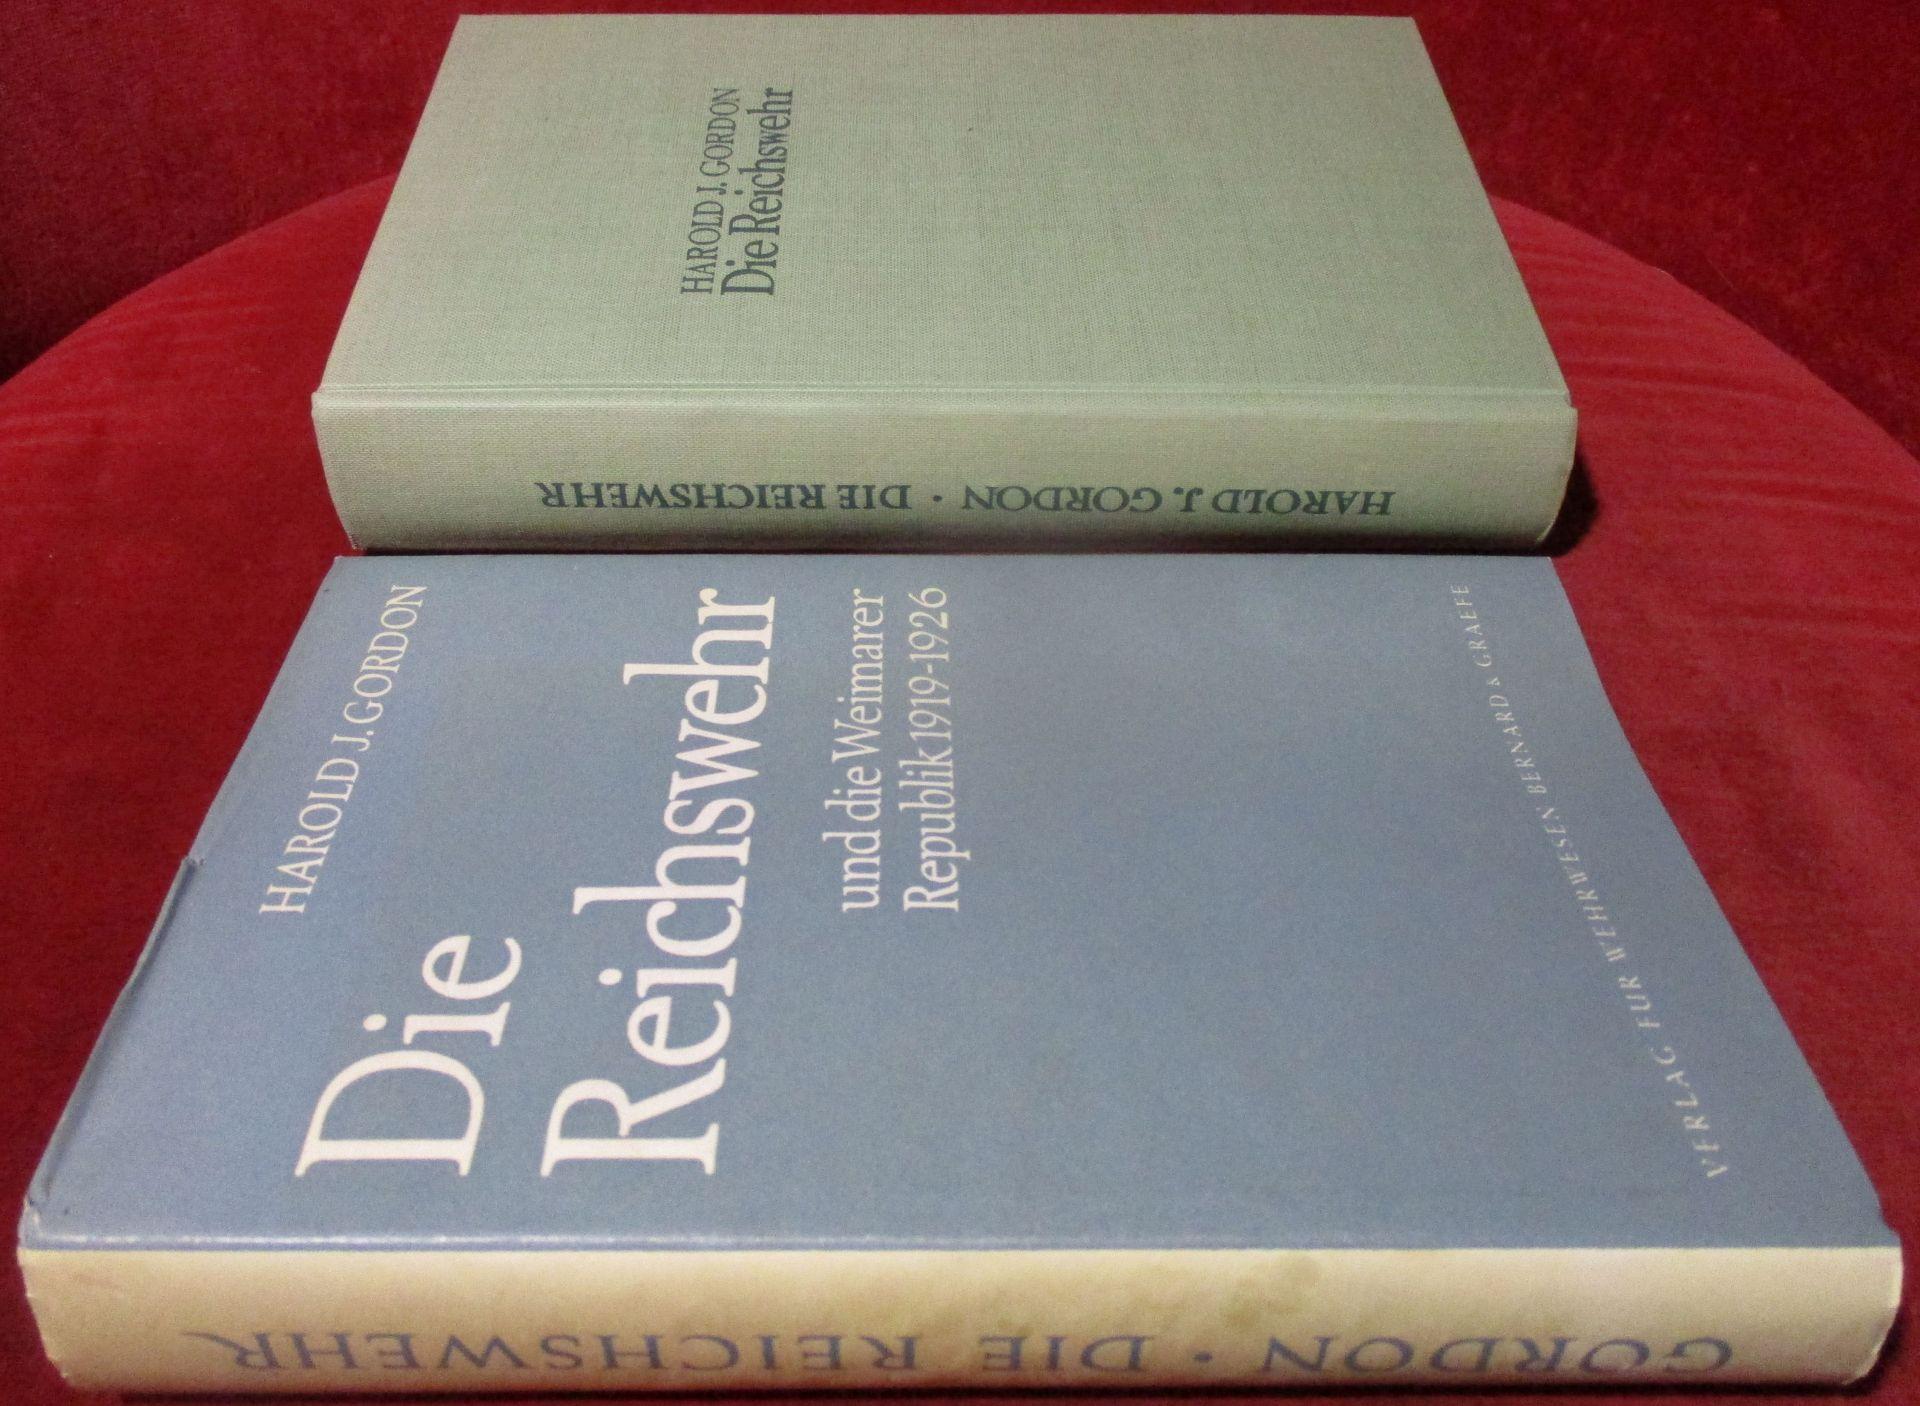 Harold Gordon. Deutsch von Siegfried Maruhn. Die Reichswehr und die Weimarer Republik 1919 - 1926